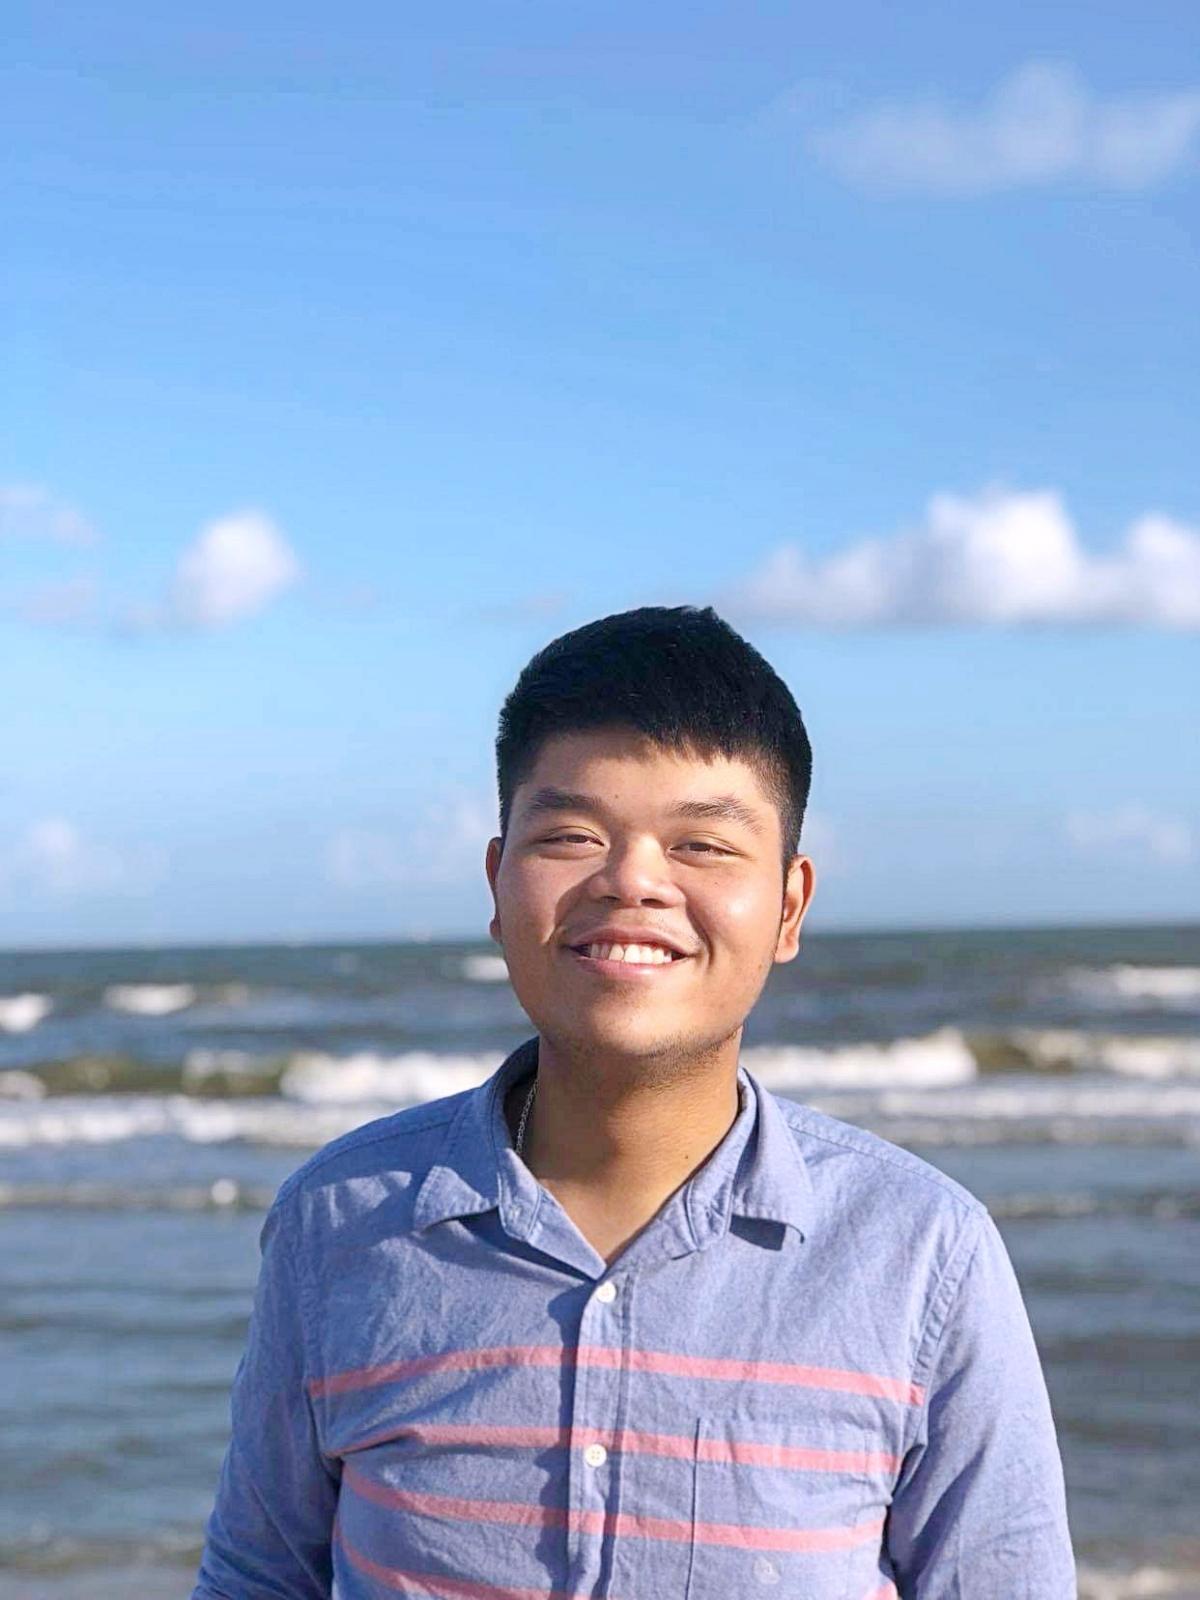 Trương Thời Tiến, người sáng lập Dự án VieTalk. Ảnh: Nhân vật cung cấp